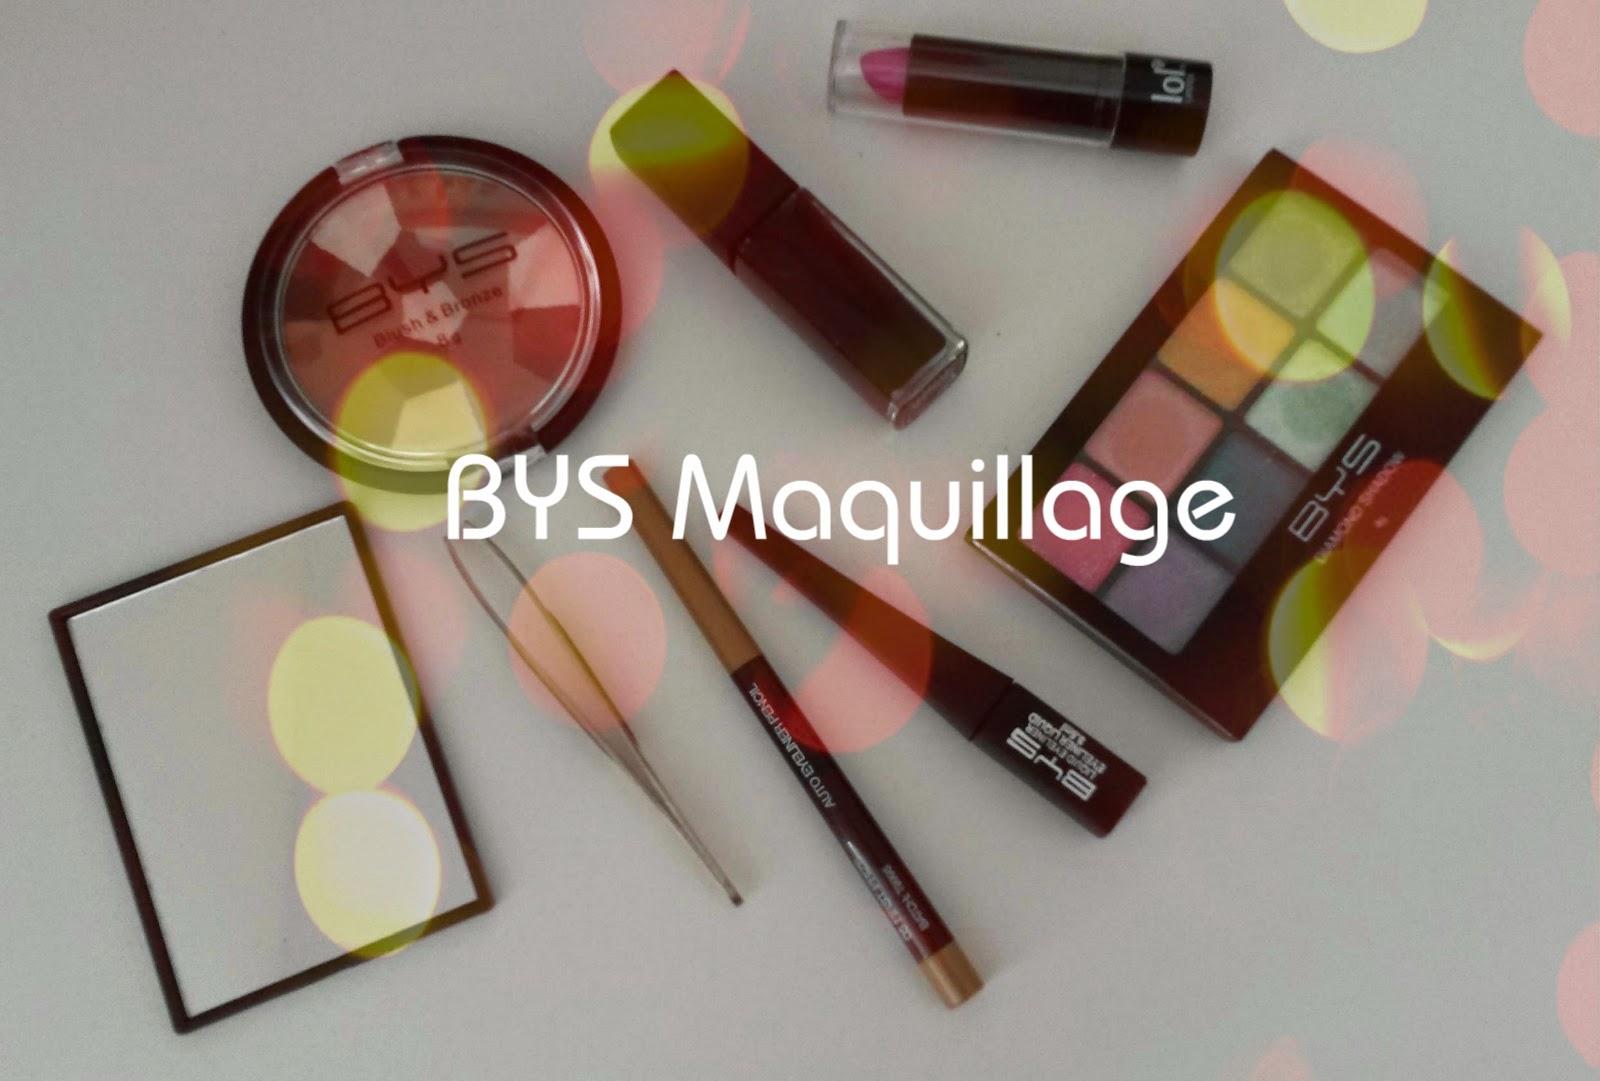 J'ai testé : la marque BYS maquillage